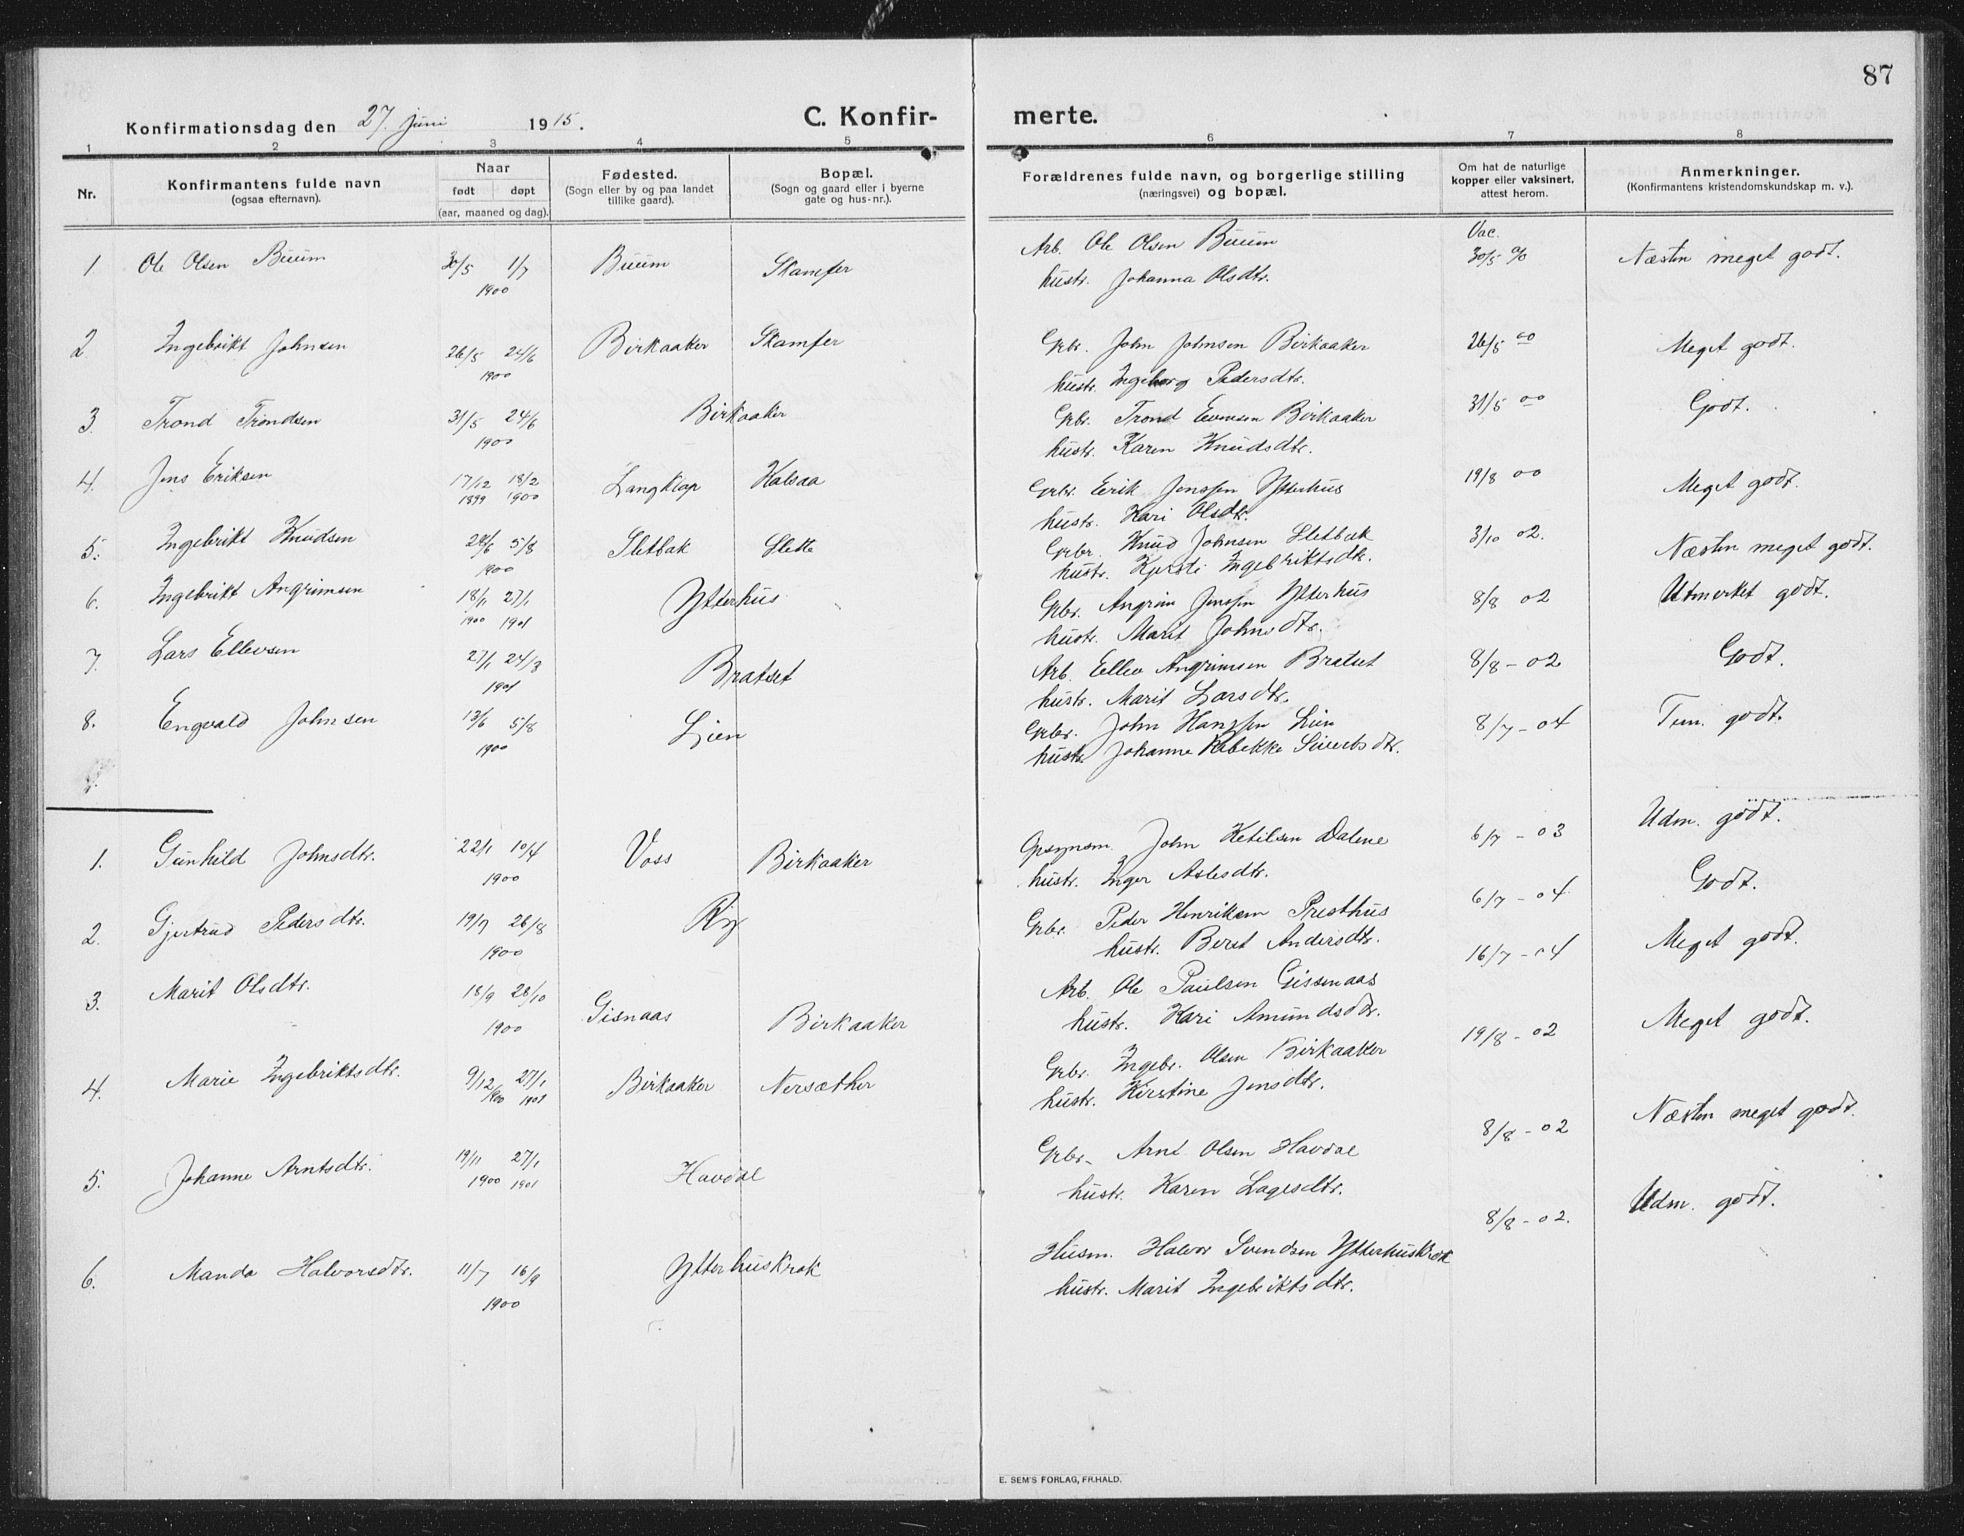 SAT, Ministerialprotokoller, klokkerbøker og fødselsregistre - Sør-Trøndelag, 675/L0888: Klokkerbok nr. 675C01, 1913-1935, s. 87